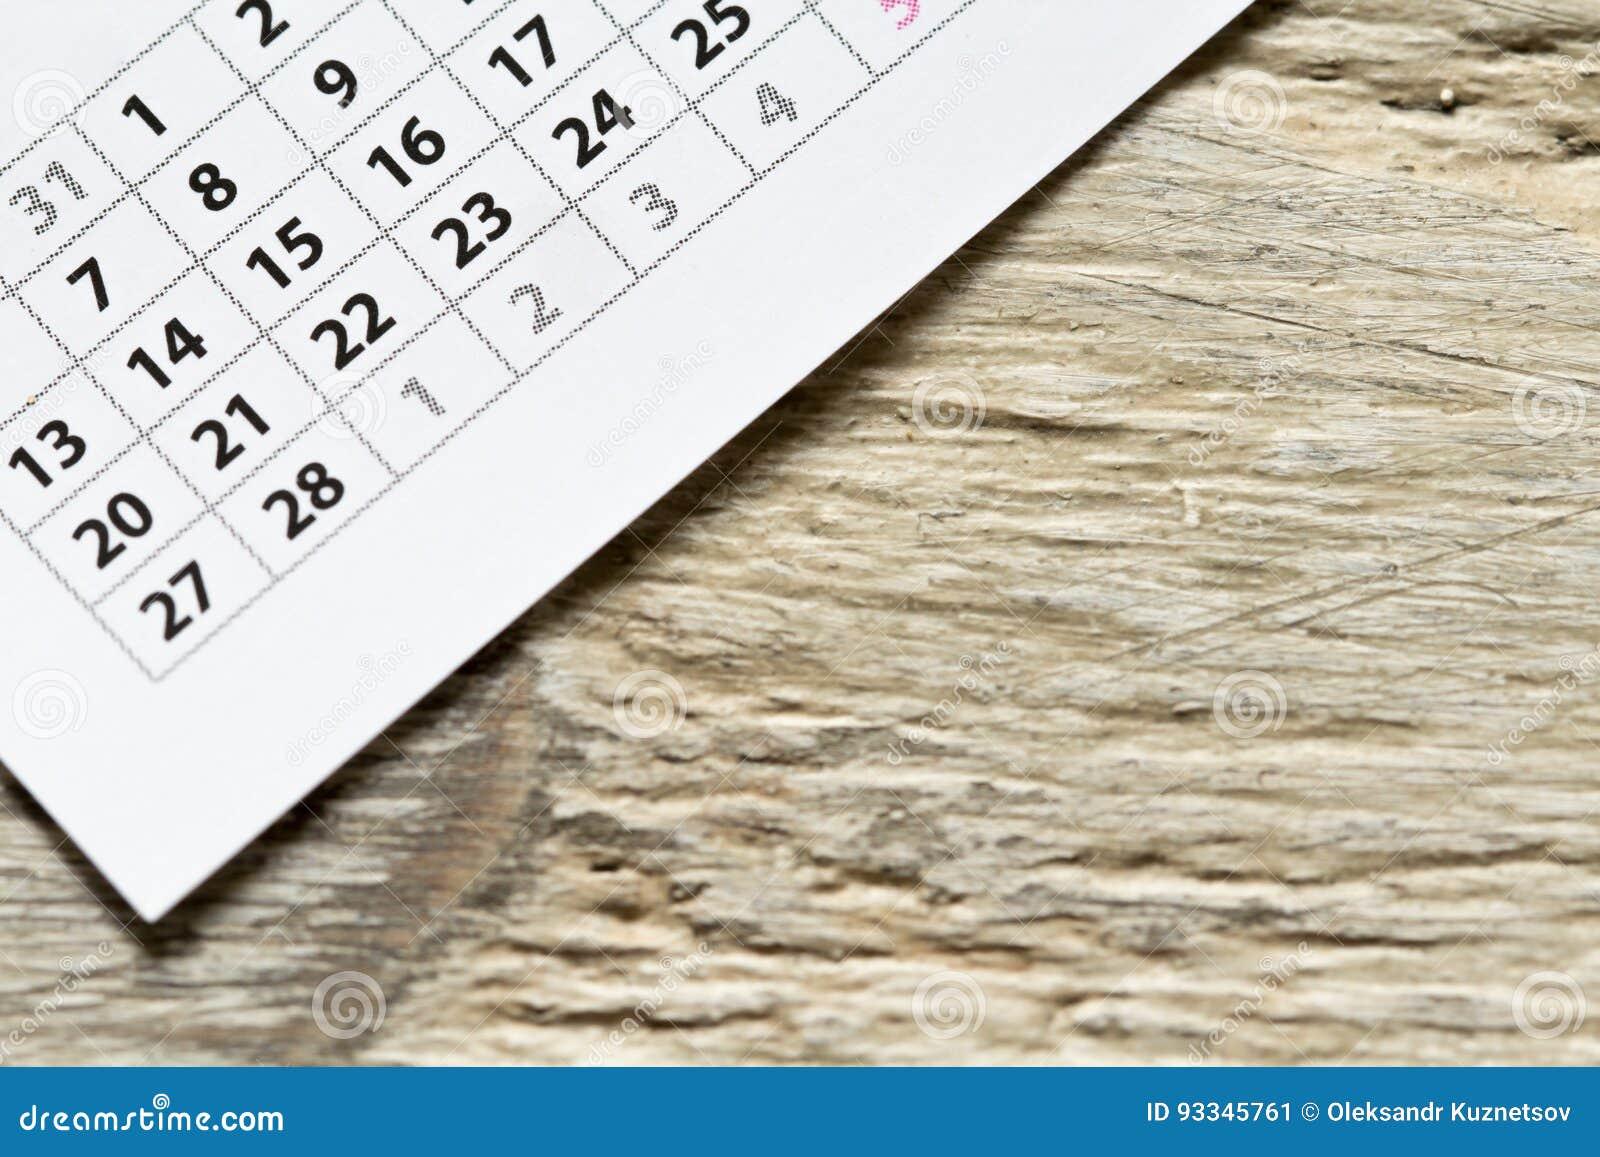 Canto do calendário no fundo de madeira